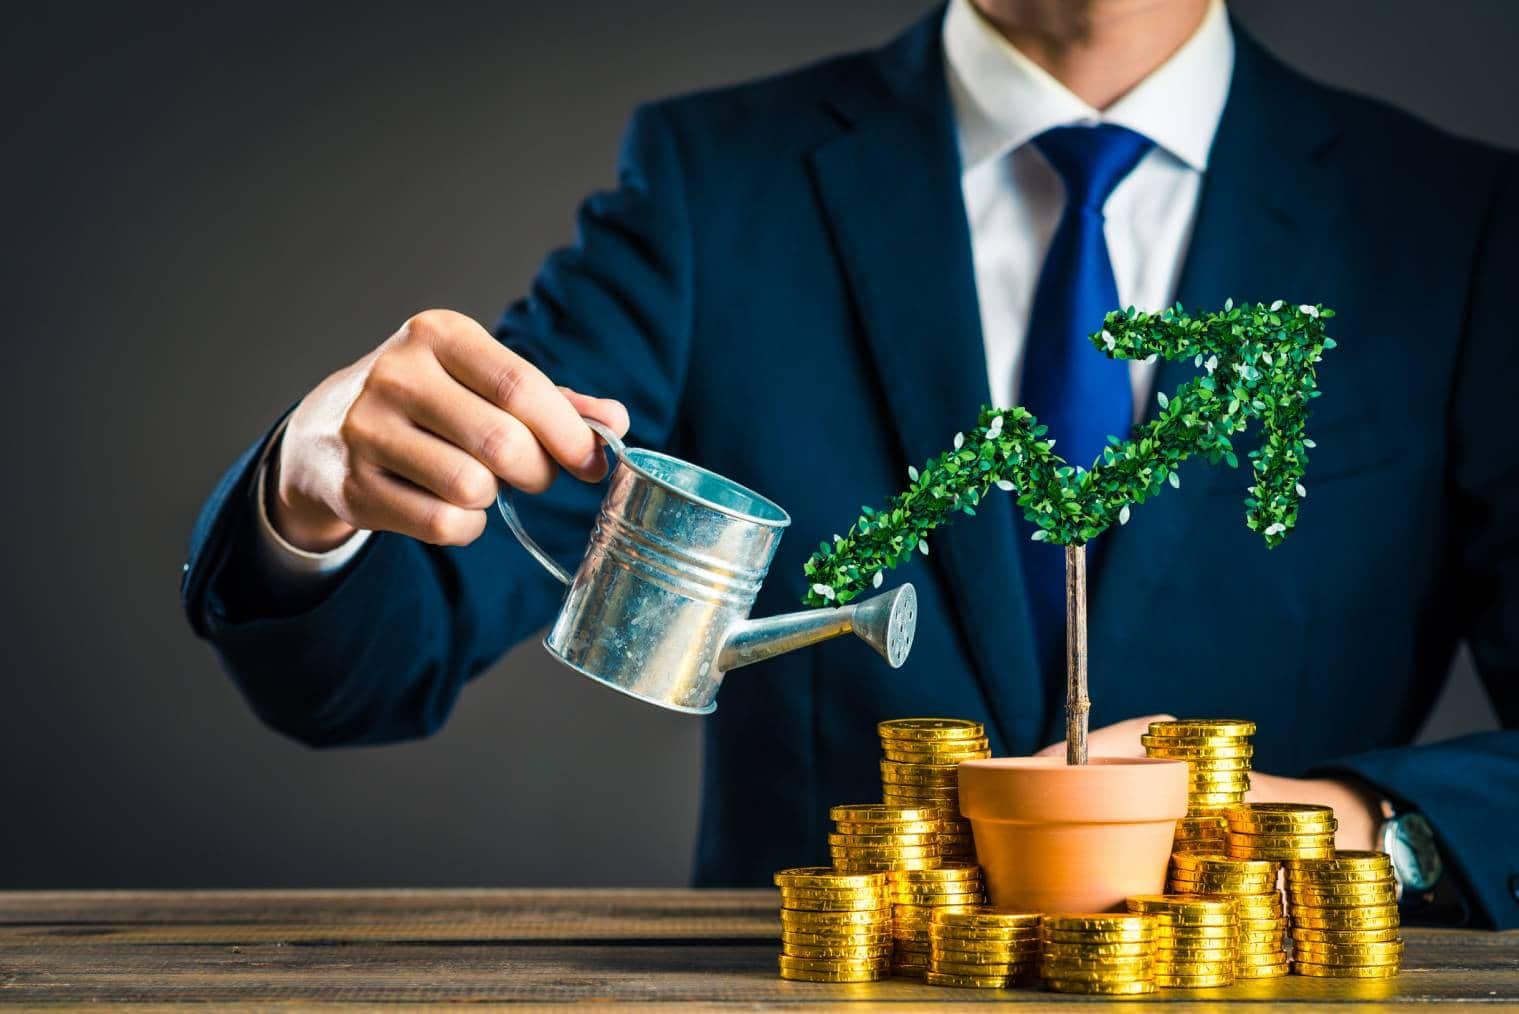 Comment devenir riche rapidement ? Nos conseils et astuces